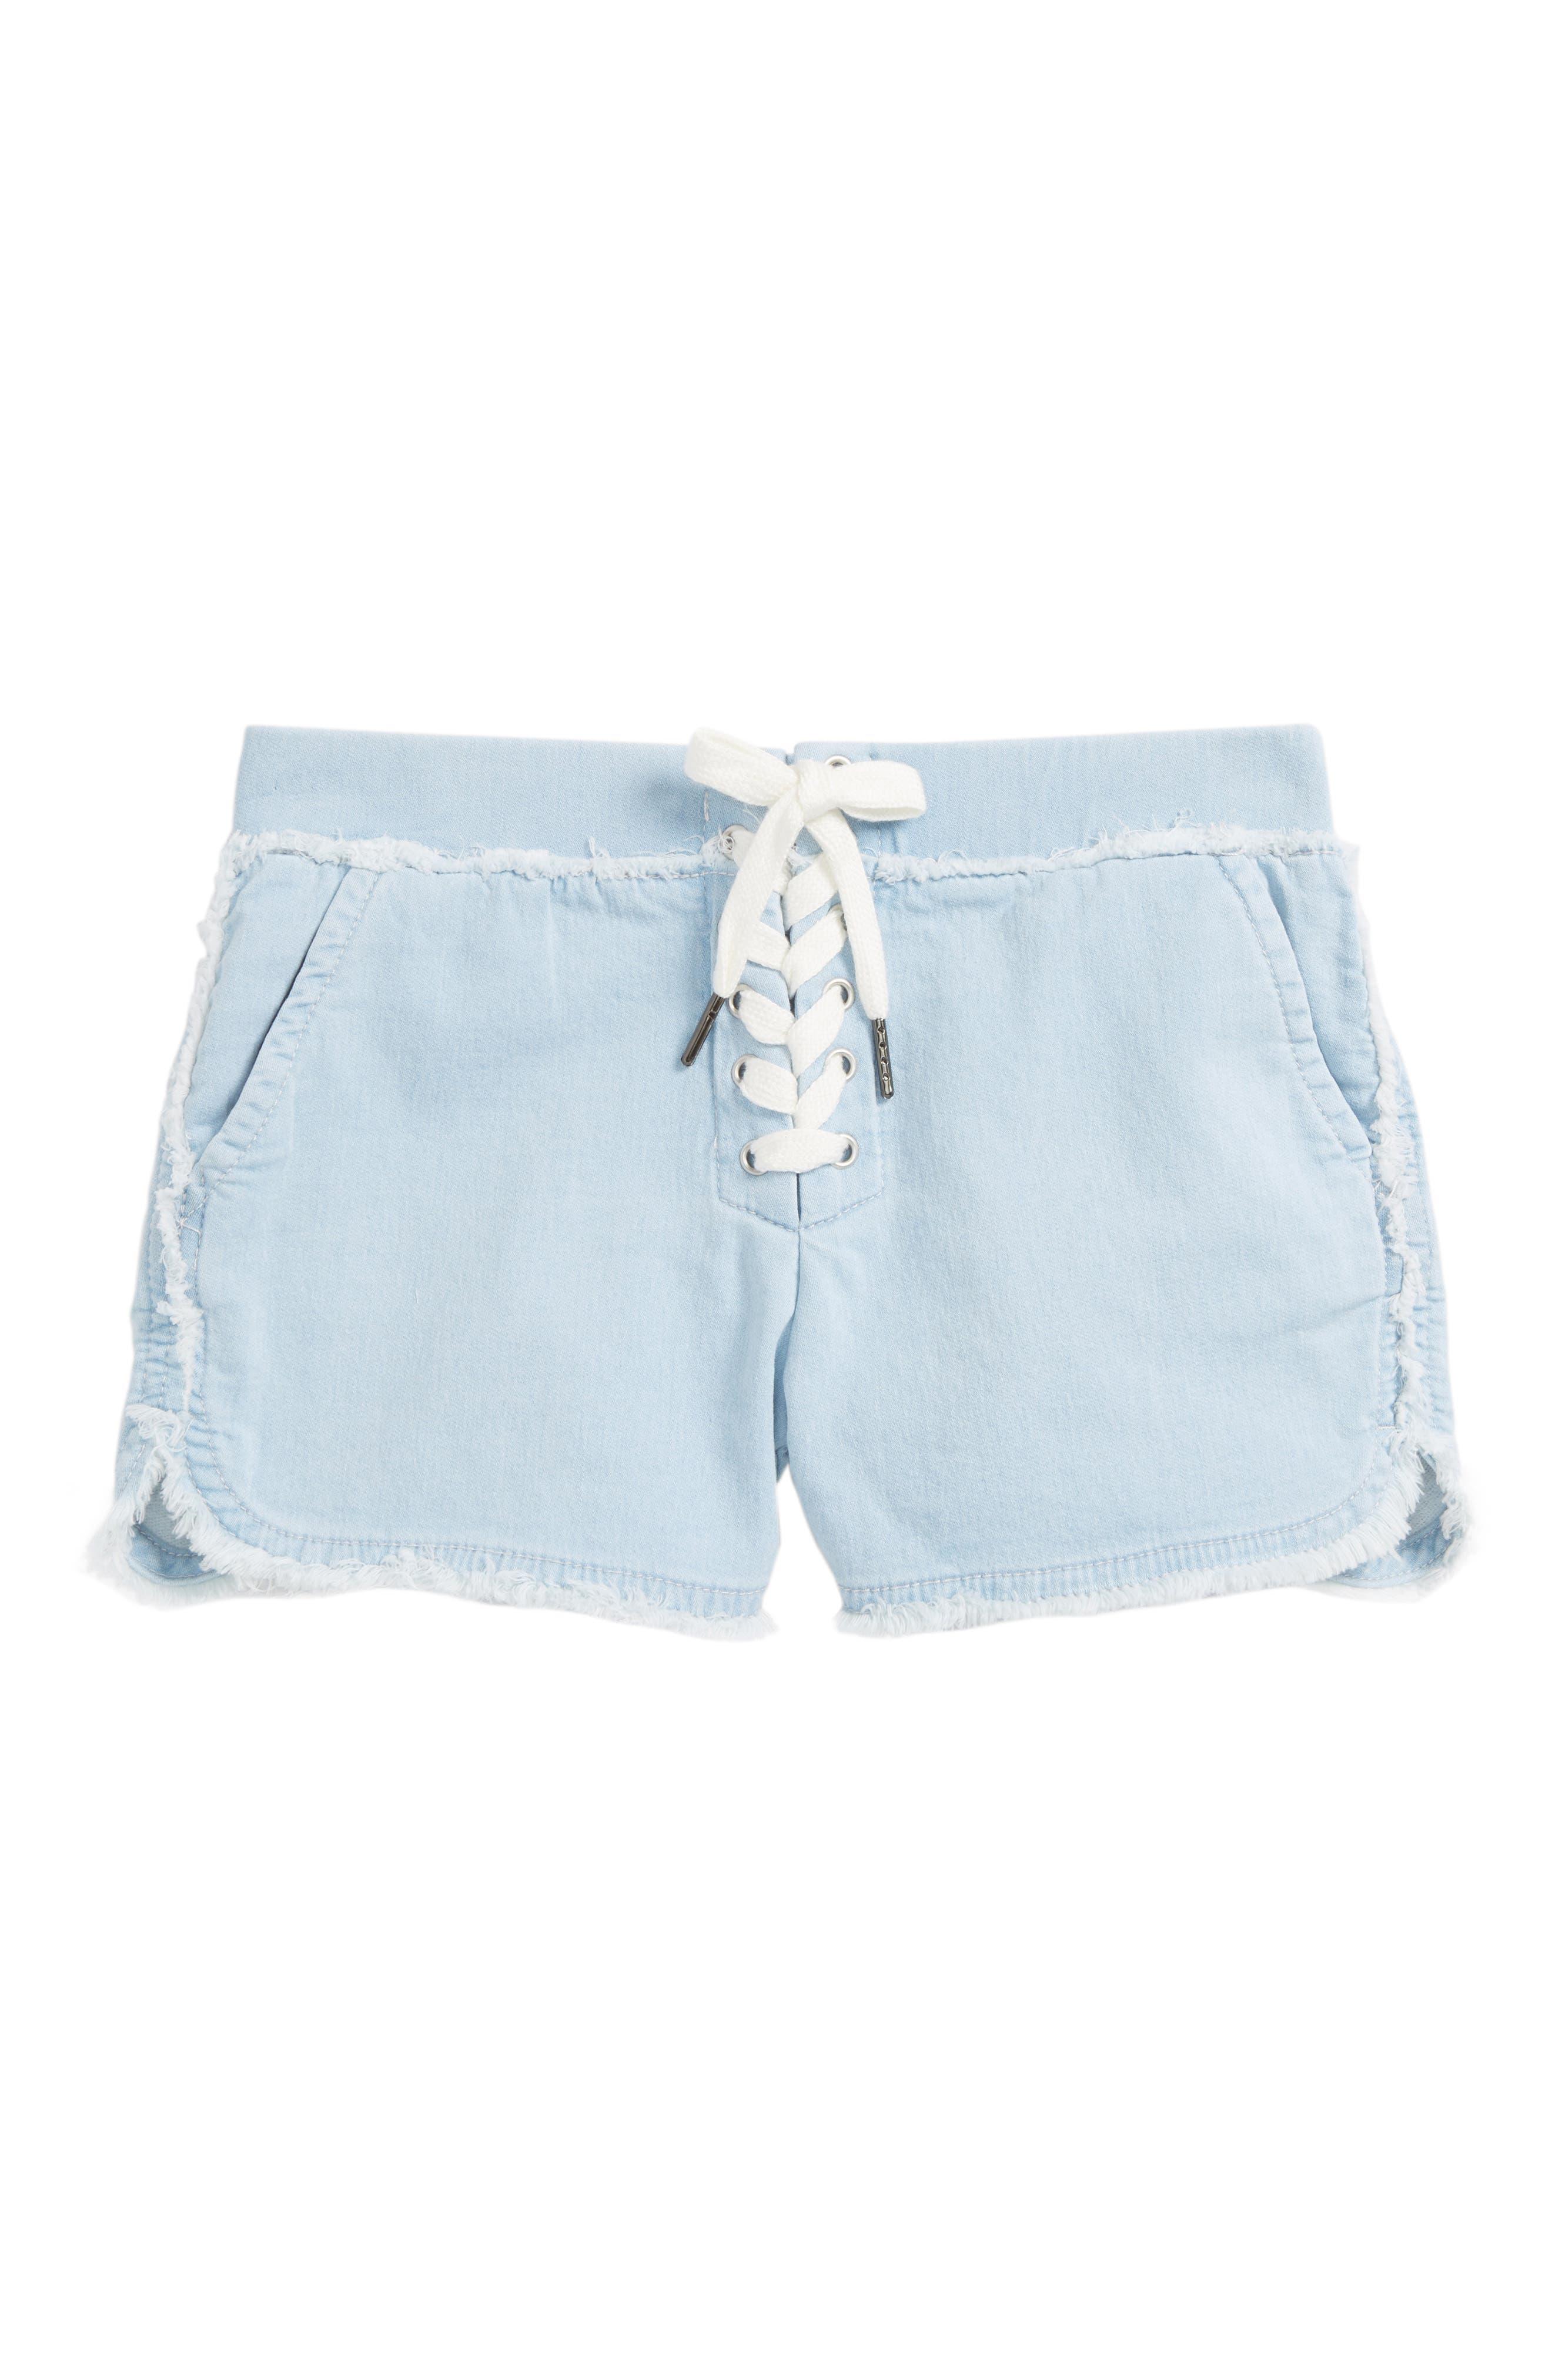 Lace-Up Athletic Chambray Shorts,                             Main thumbnail 1, color,                             461